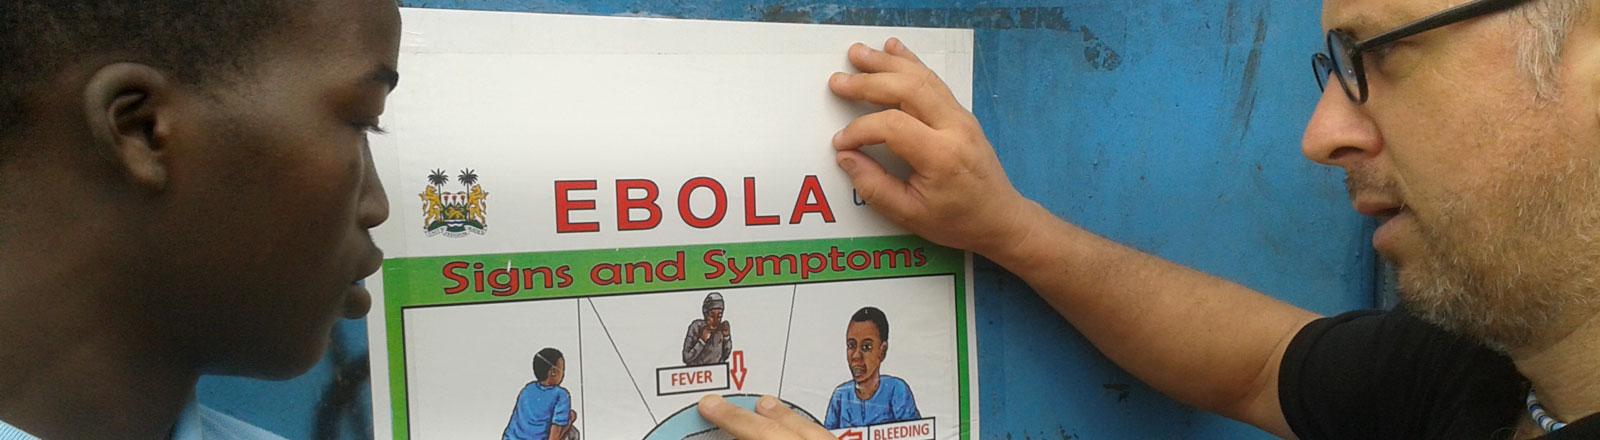 Zwei Männer stehen vor einer Ebola-Informationstafel.